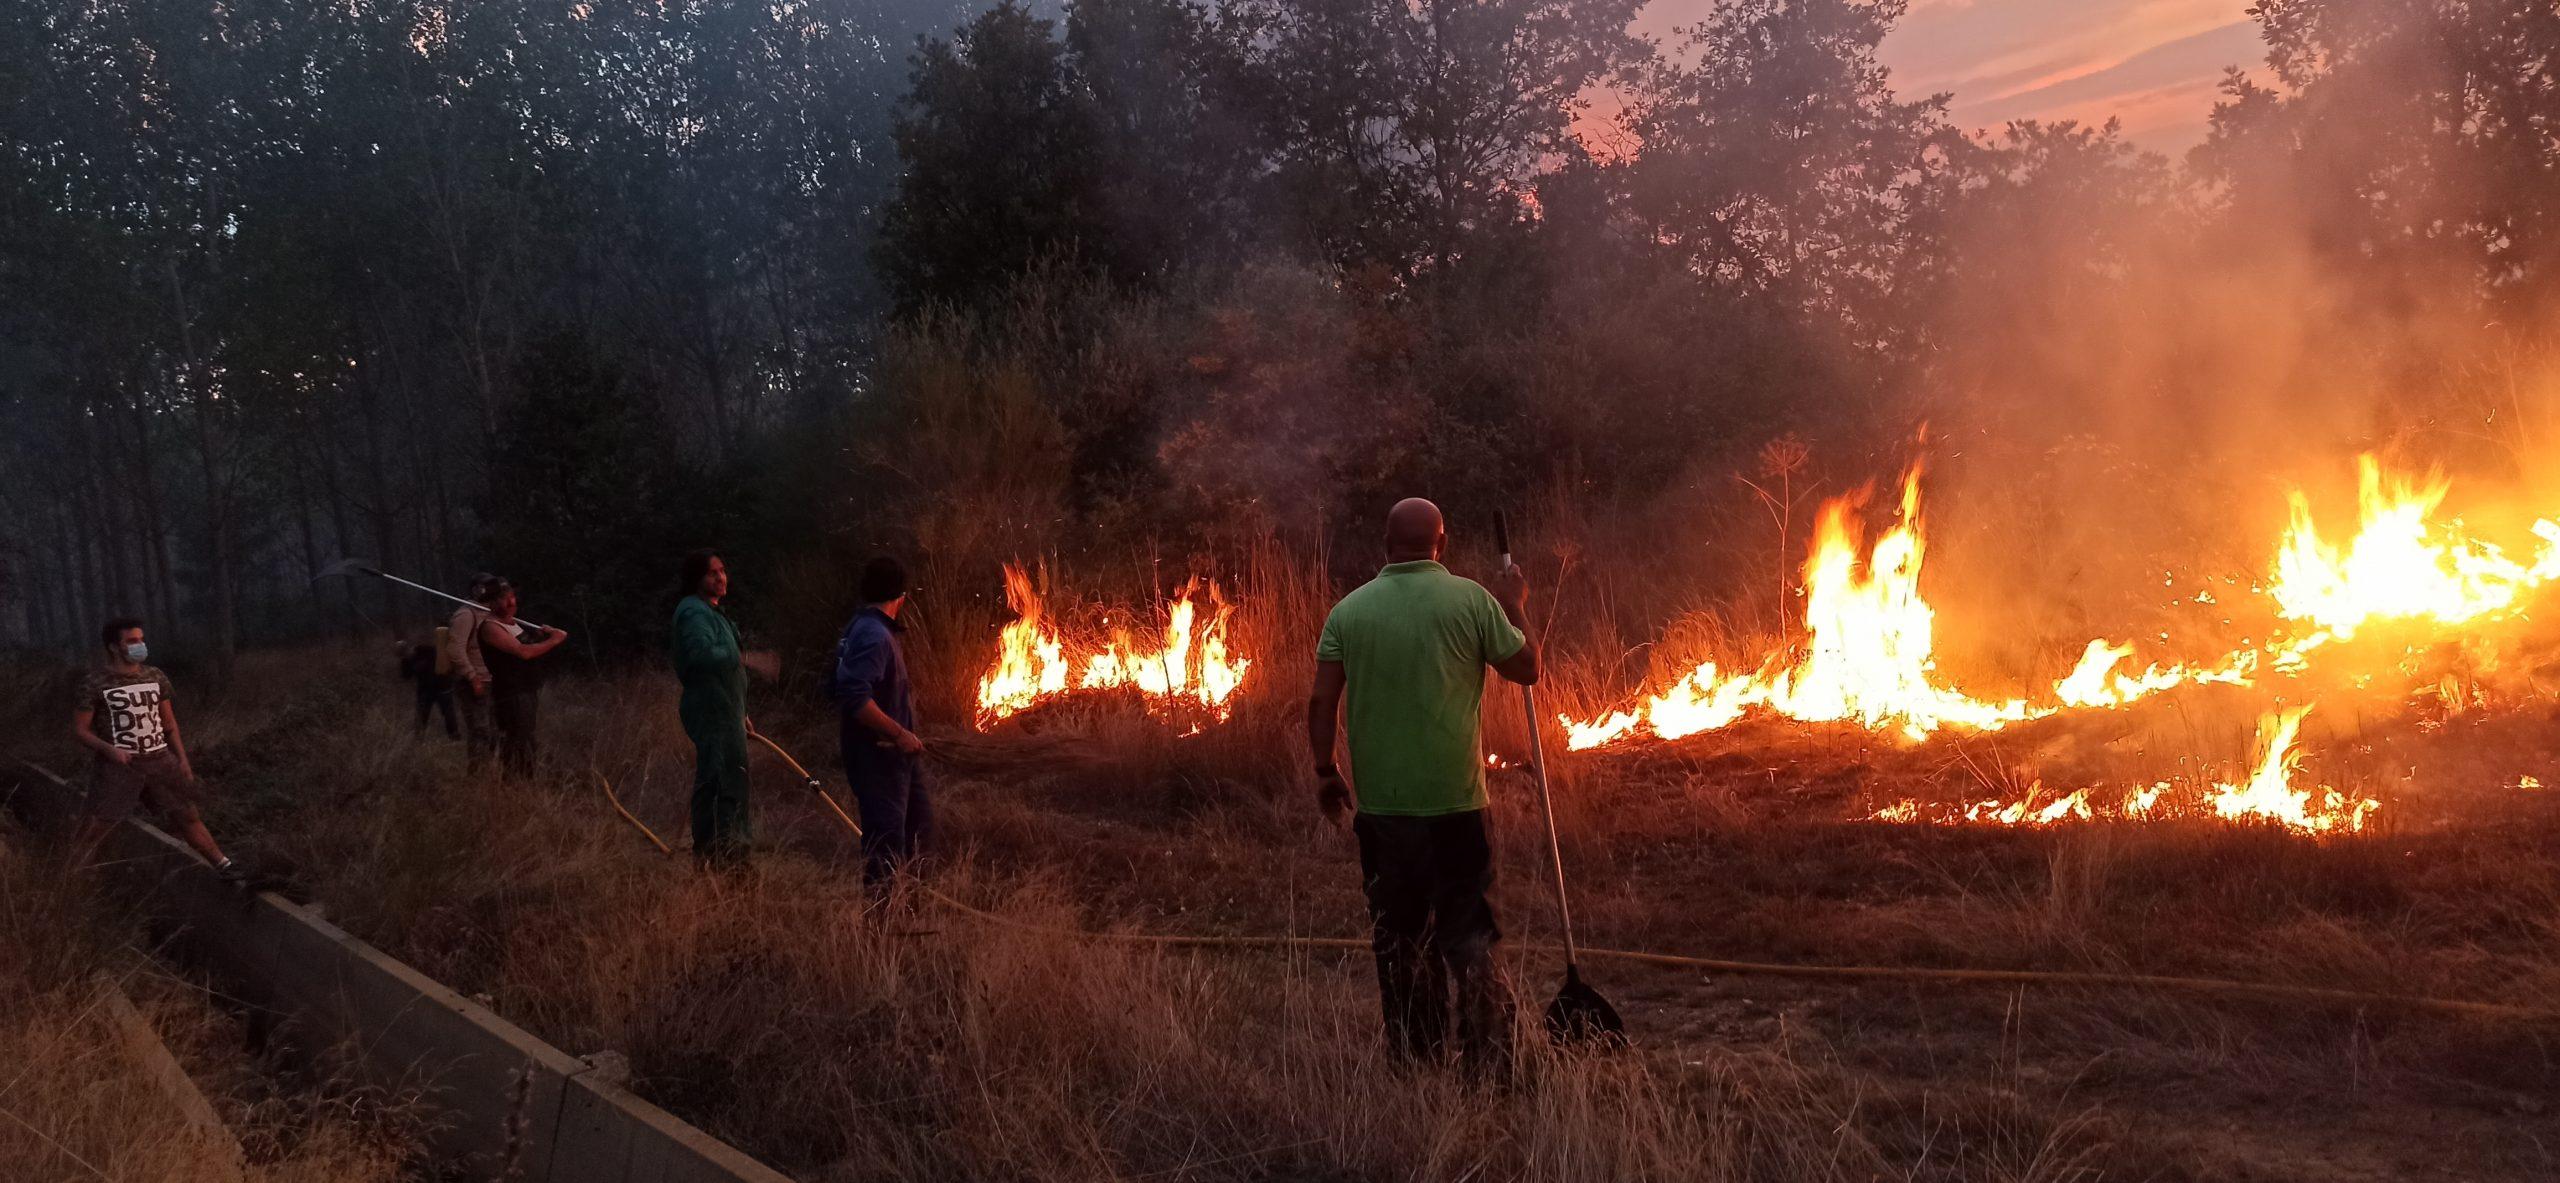 El alcalde de Castrcontrigo Olivio Campo participando en la extinción del incendio